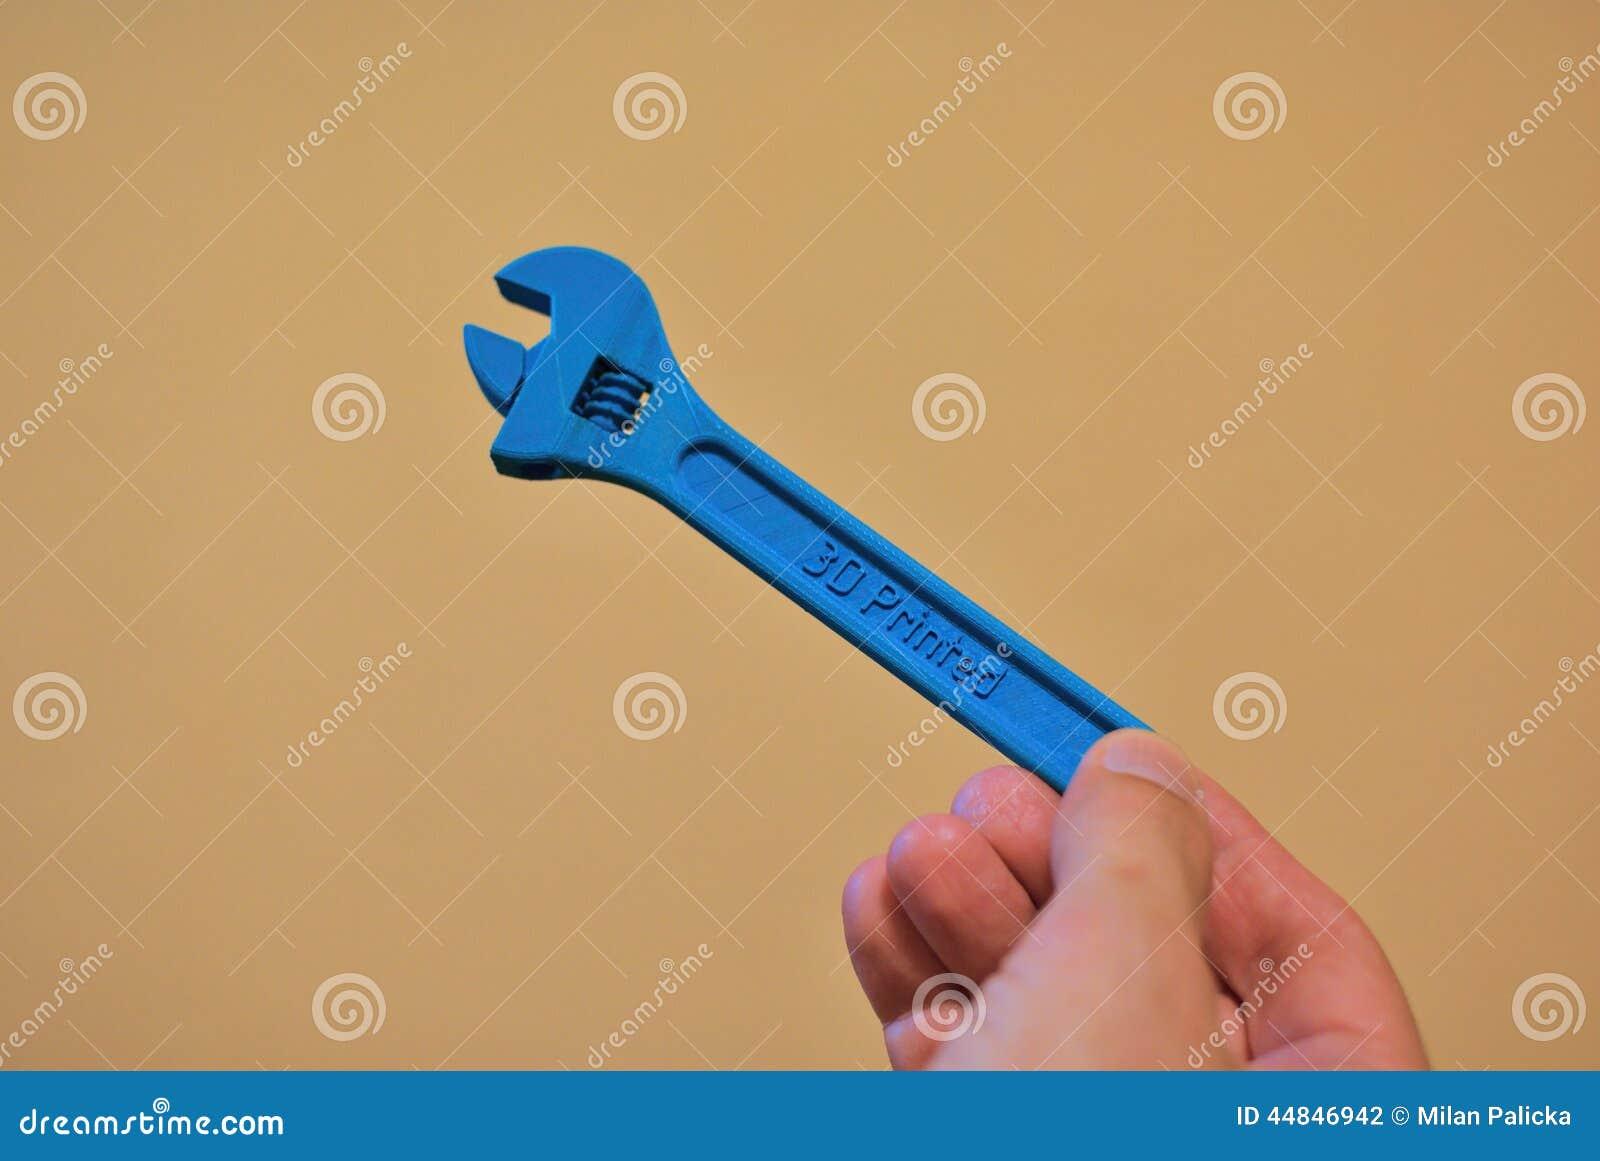 3D printed tool